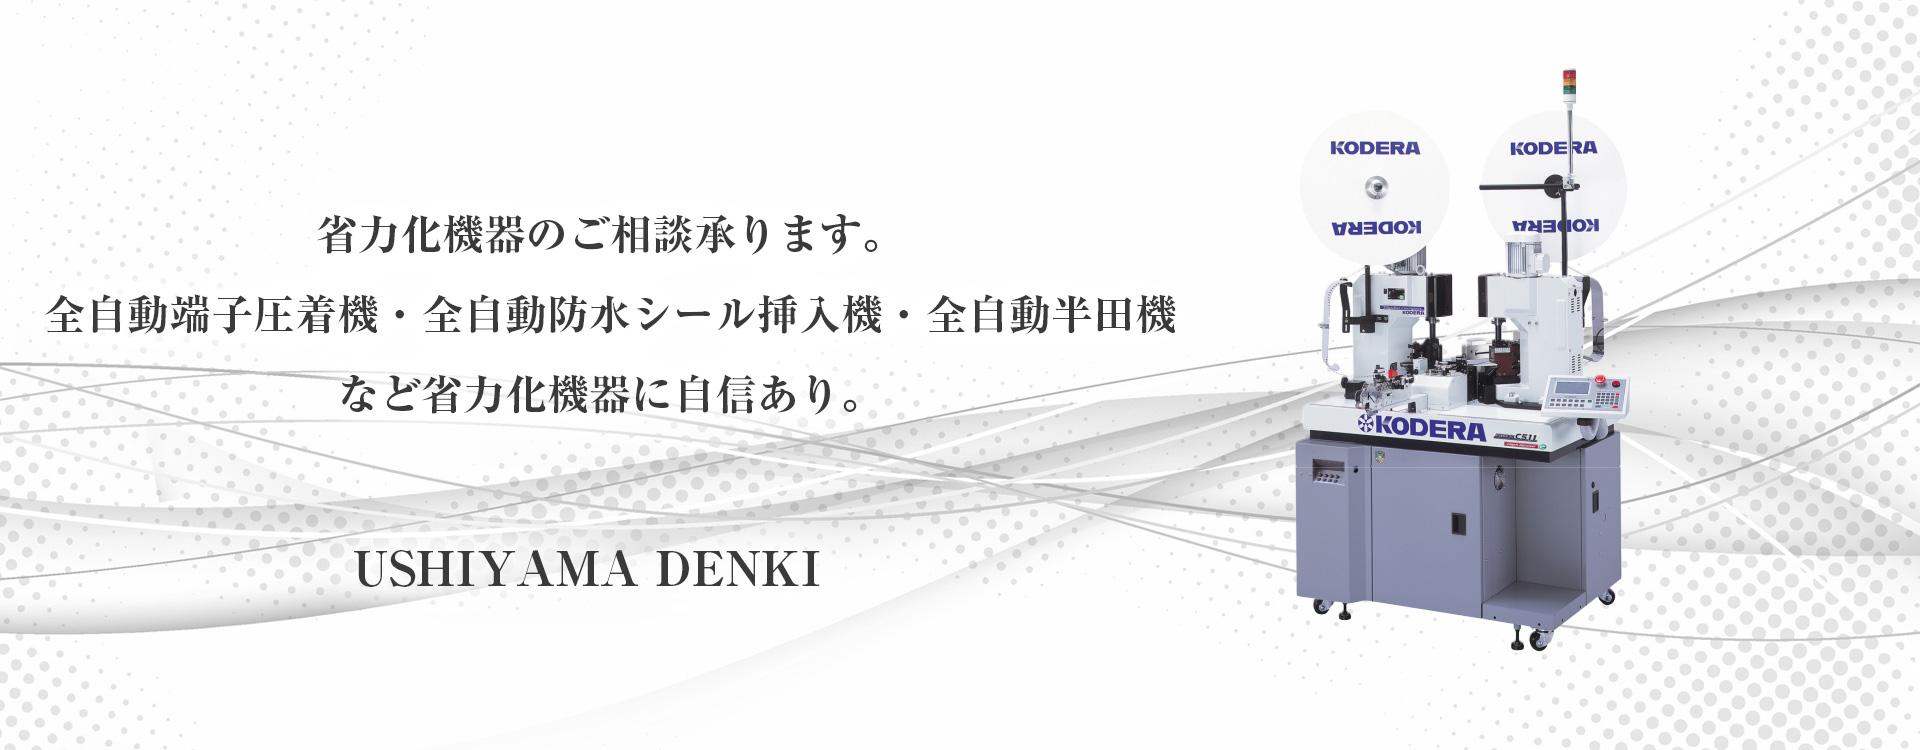 省力化機器のご相談承ります。全自動端子圧着機・全自動防水シール挿入機・全自動半田機など省力化機器に自信あり。USHIYAMA DENKI